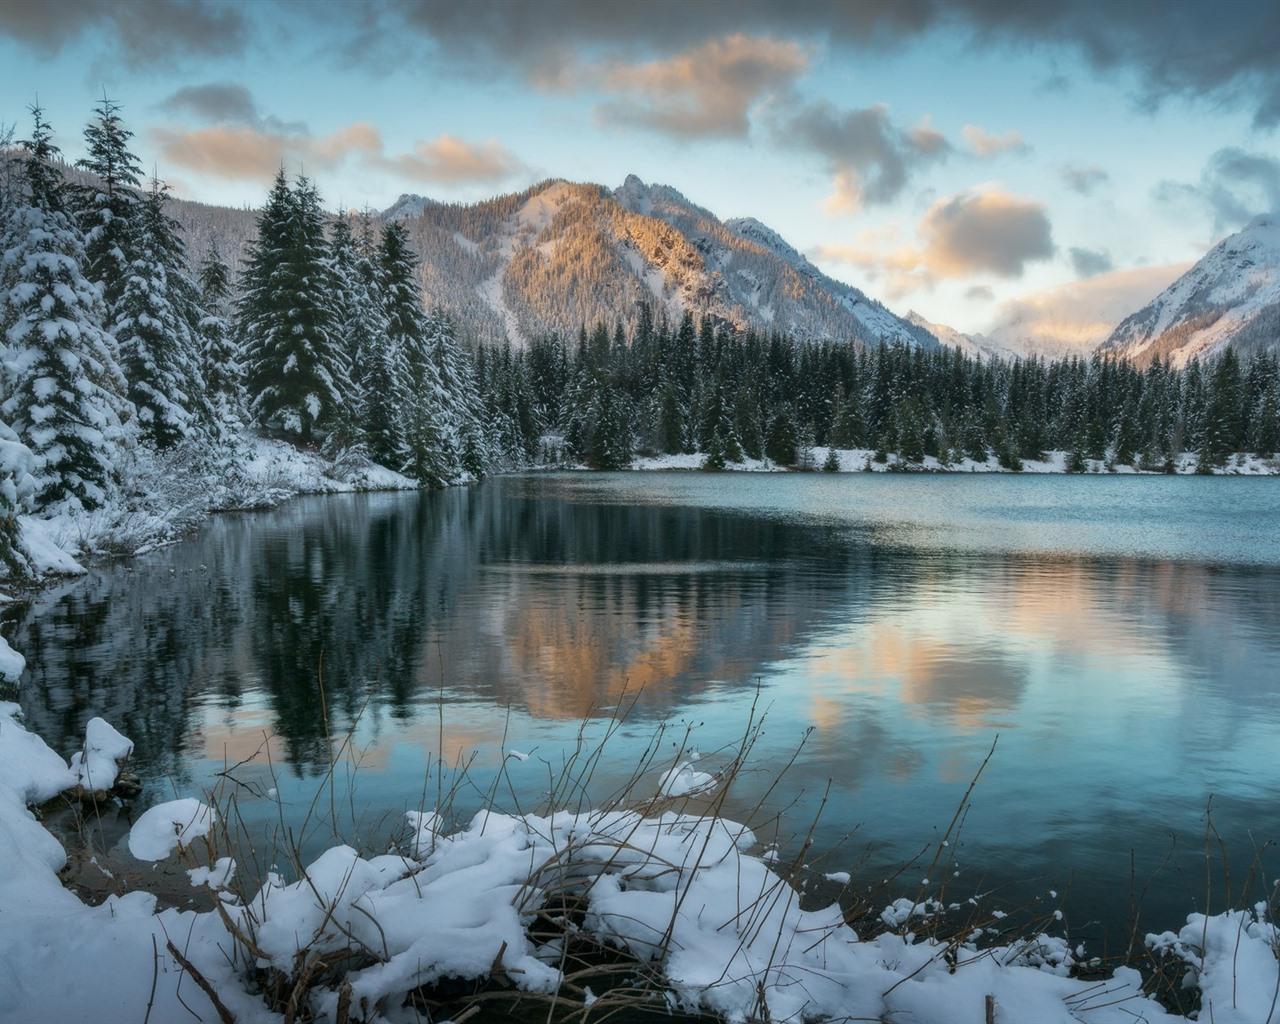 Fonds D Ecran Hiver Neige Lac Montagnes 1920x1080 Full Hd 2k Image